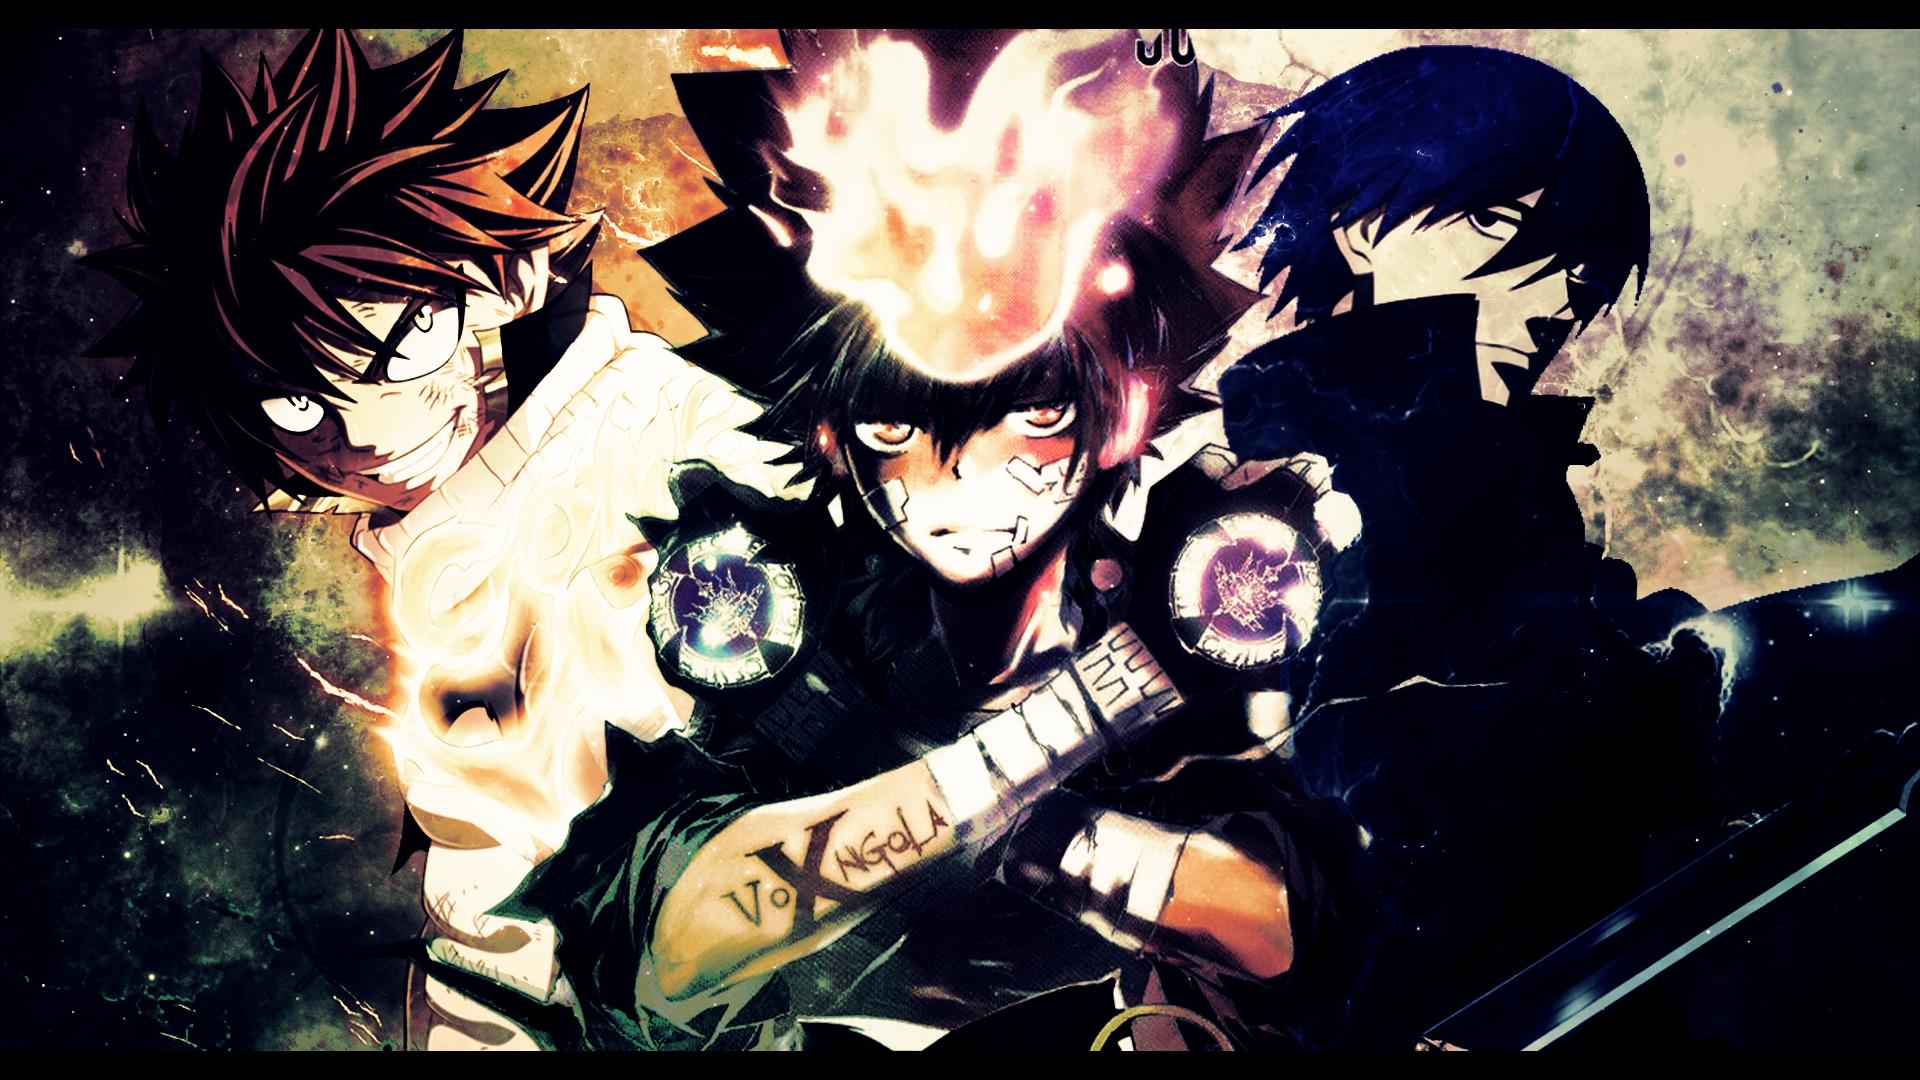 Anime wallpaper 1124590 - Best anime desktop backgrounds ...